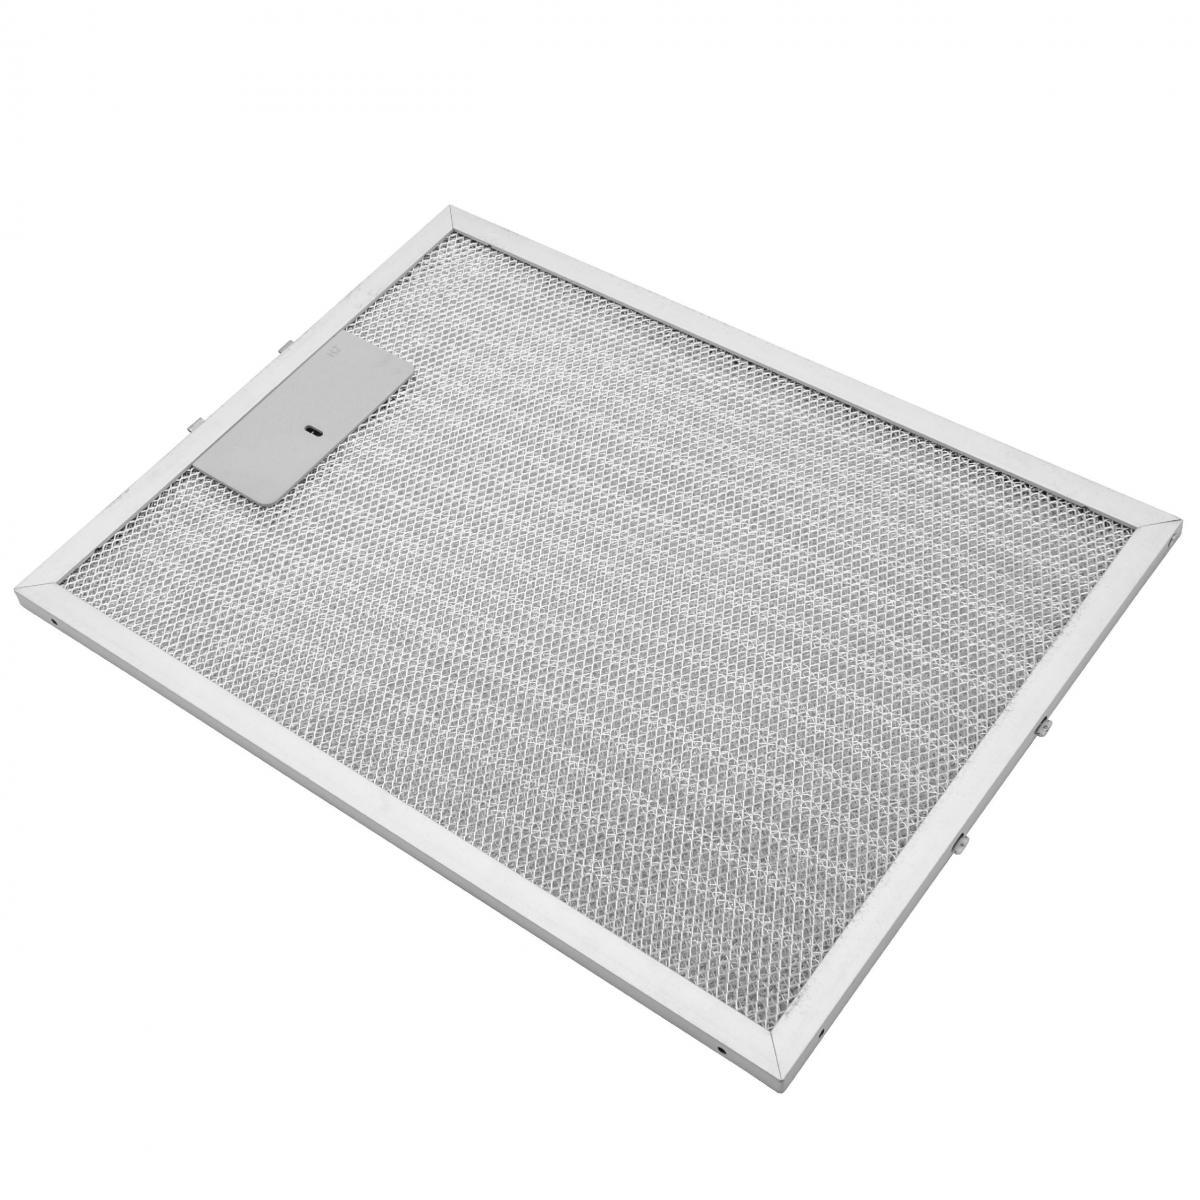 Vhbw vhbw Filtrepermanent filtre à graisse métallique 32,8 x 24,7 x 0,9 cm convient pour Alno AE 901 E 94264099600 hottes de